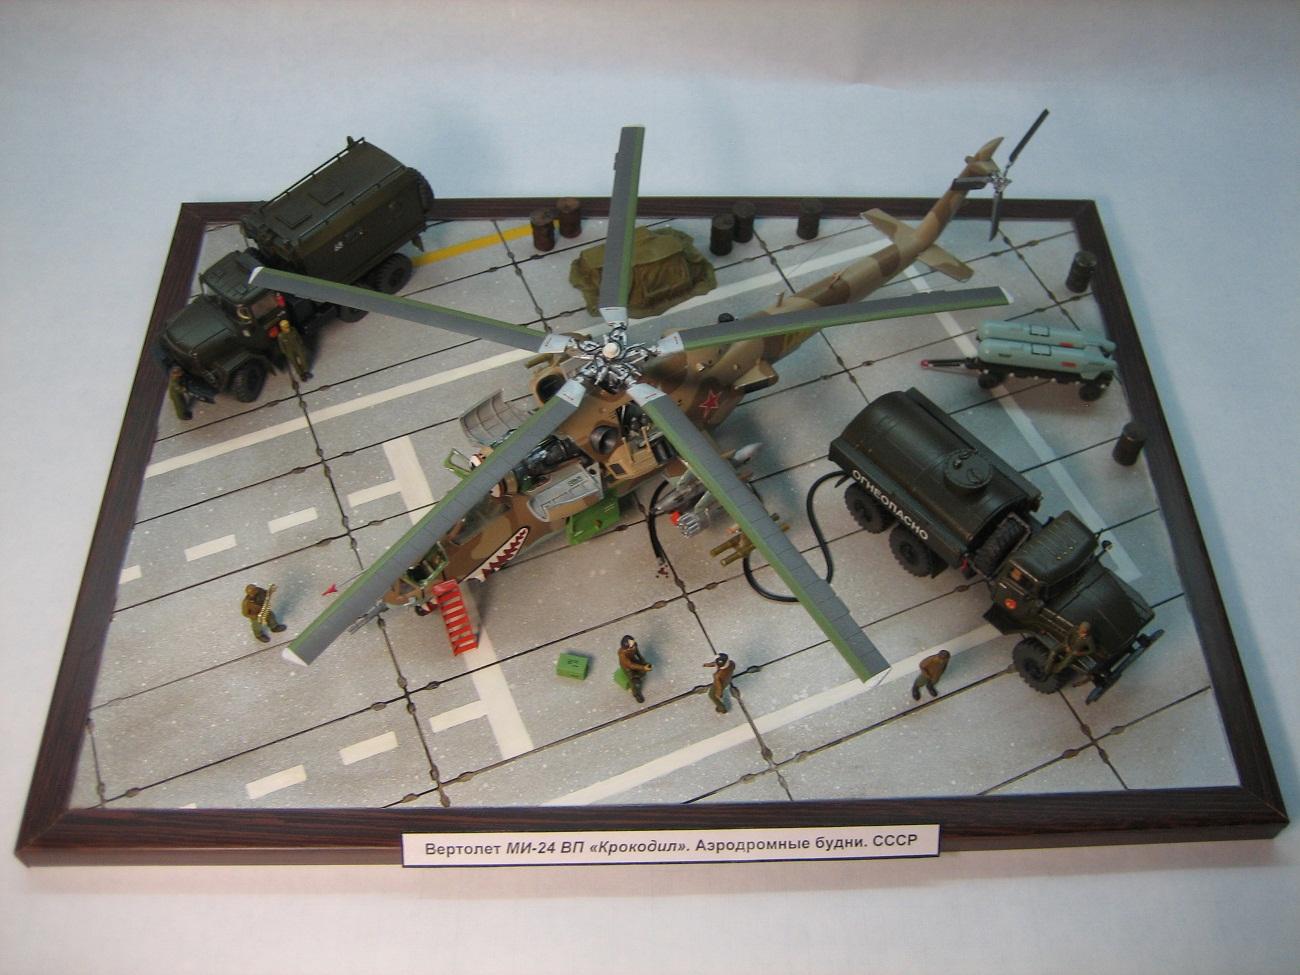 Вертолёт Ми-24 ВП. Аэродромные будни. - Каропка.ру - стендовые модели, военная миниатюра